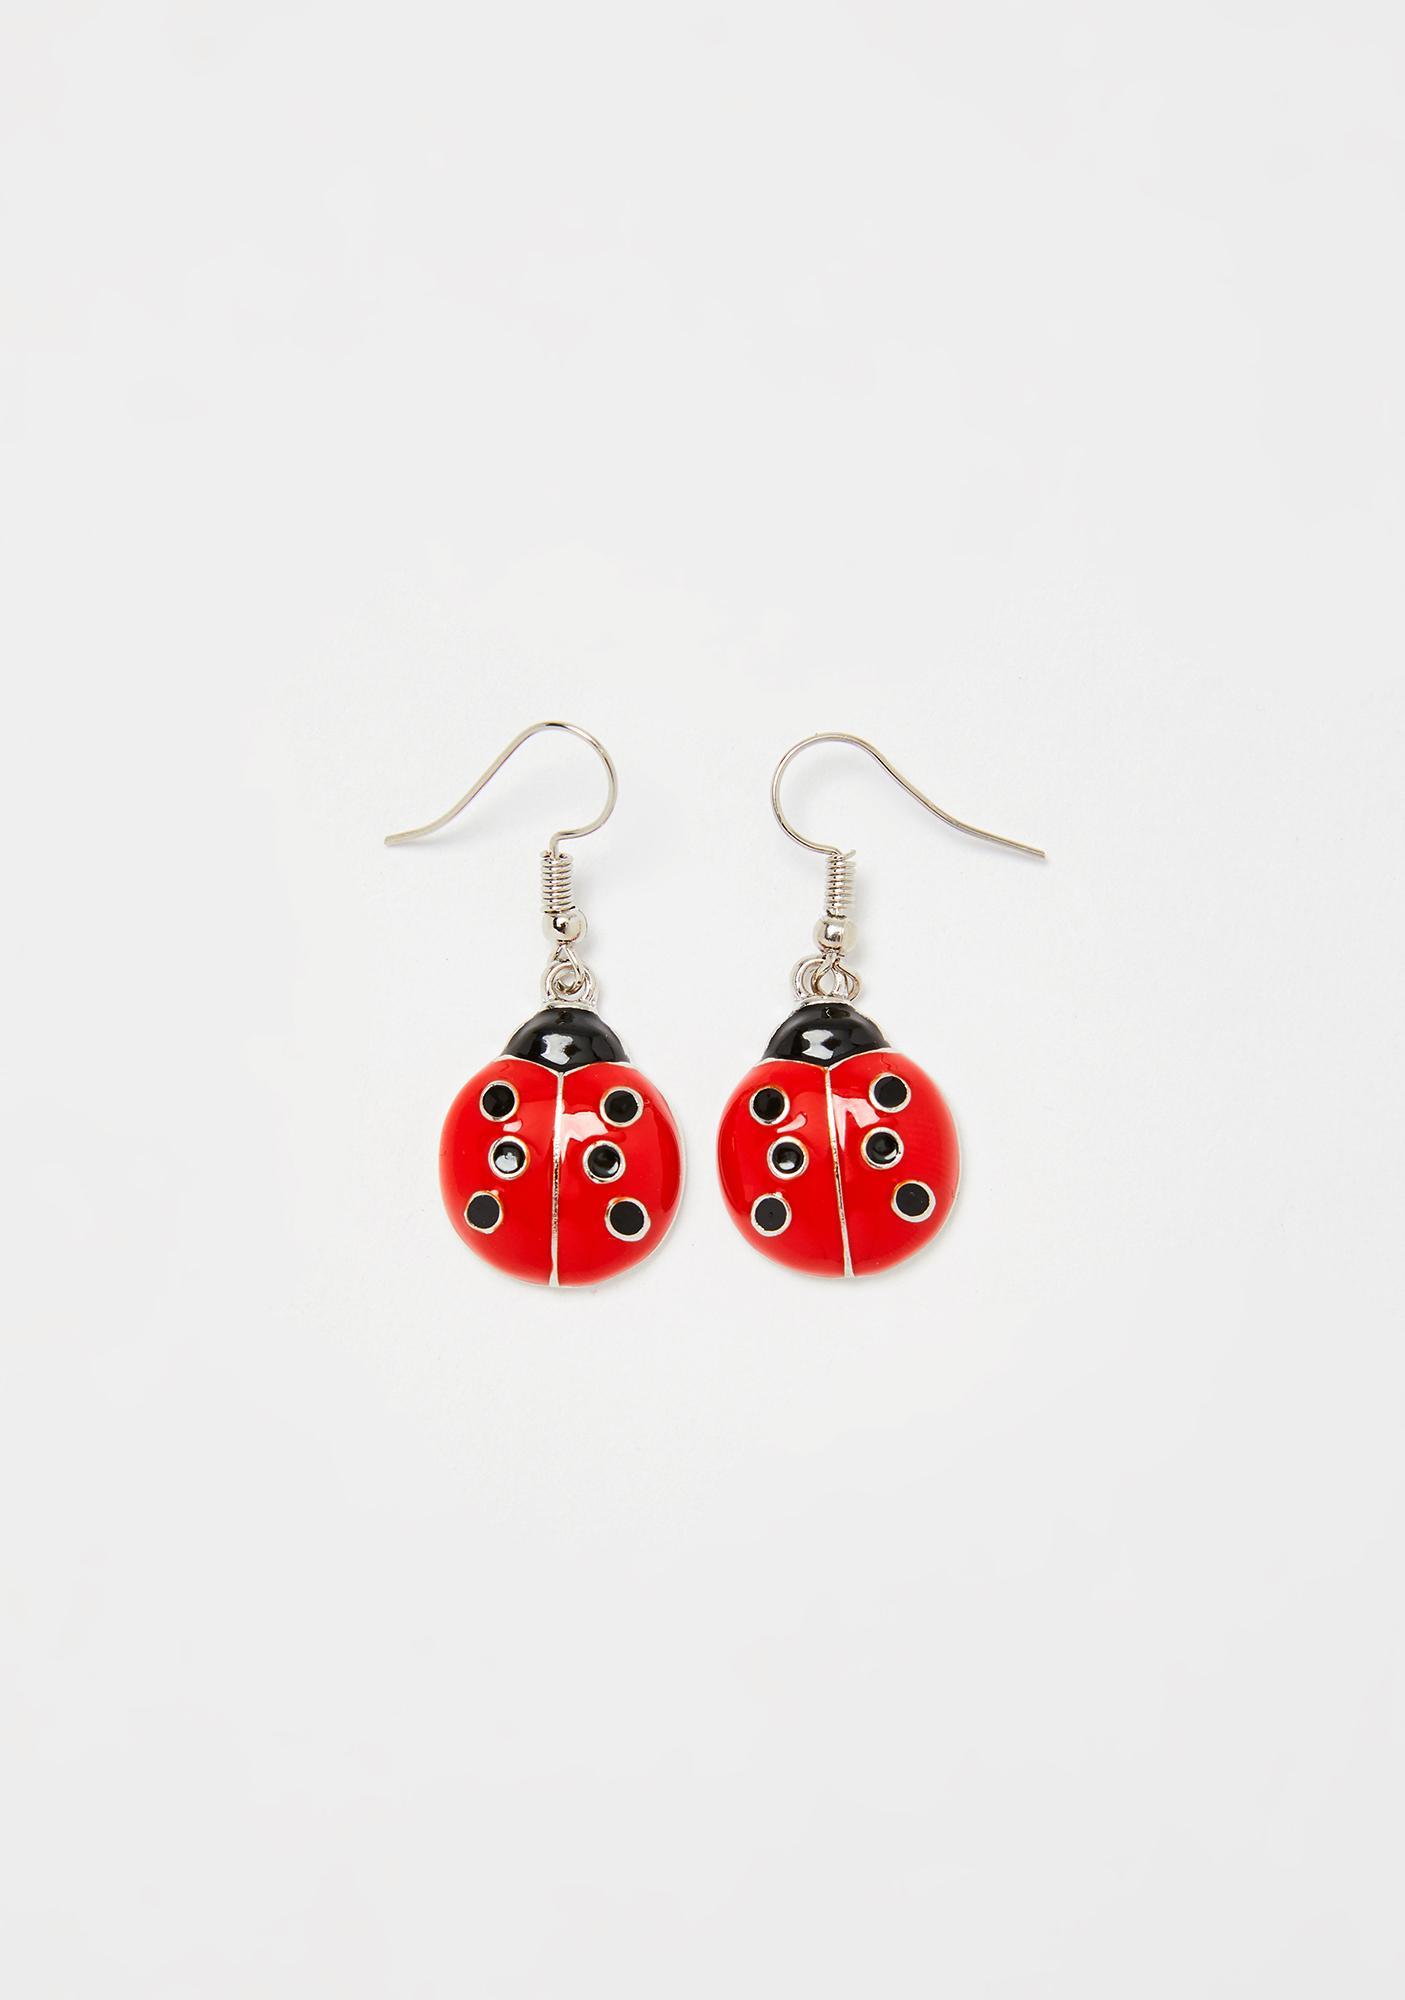 Miss Ladybug Earrings